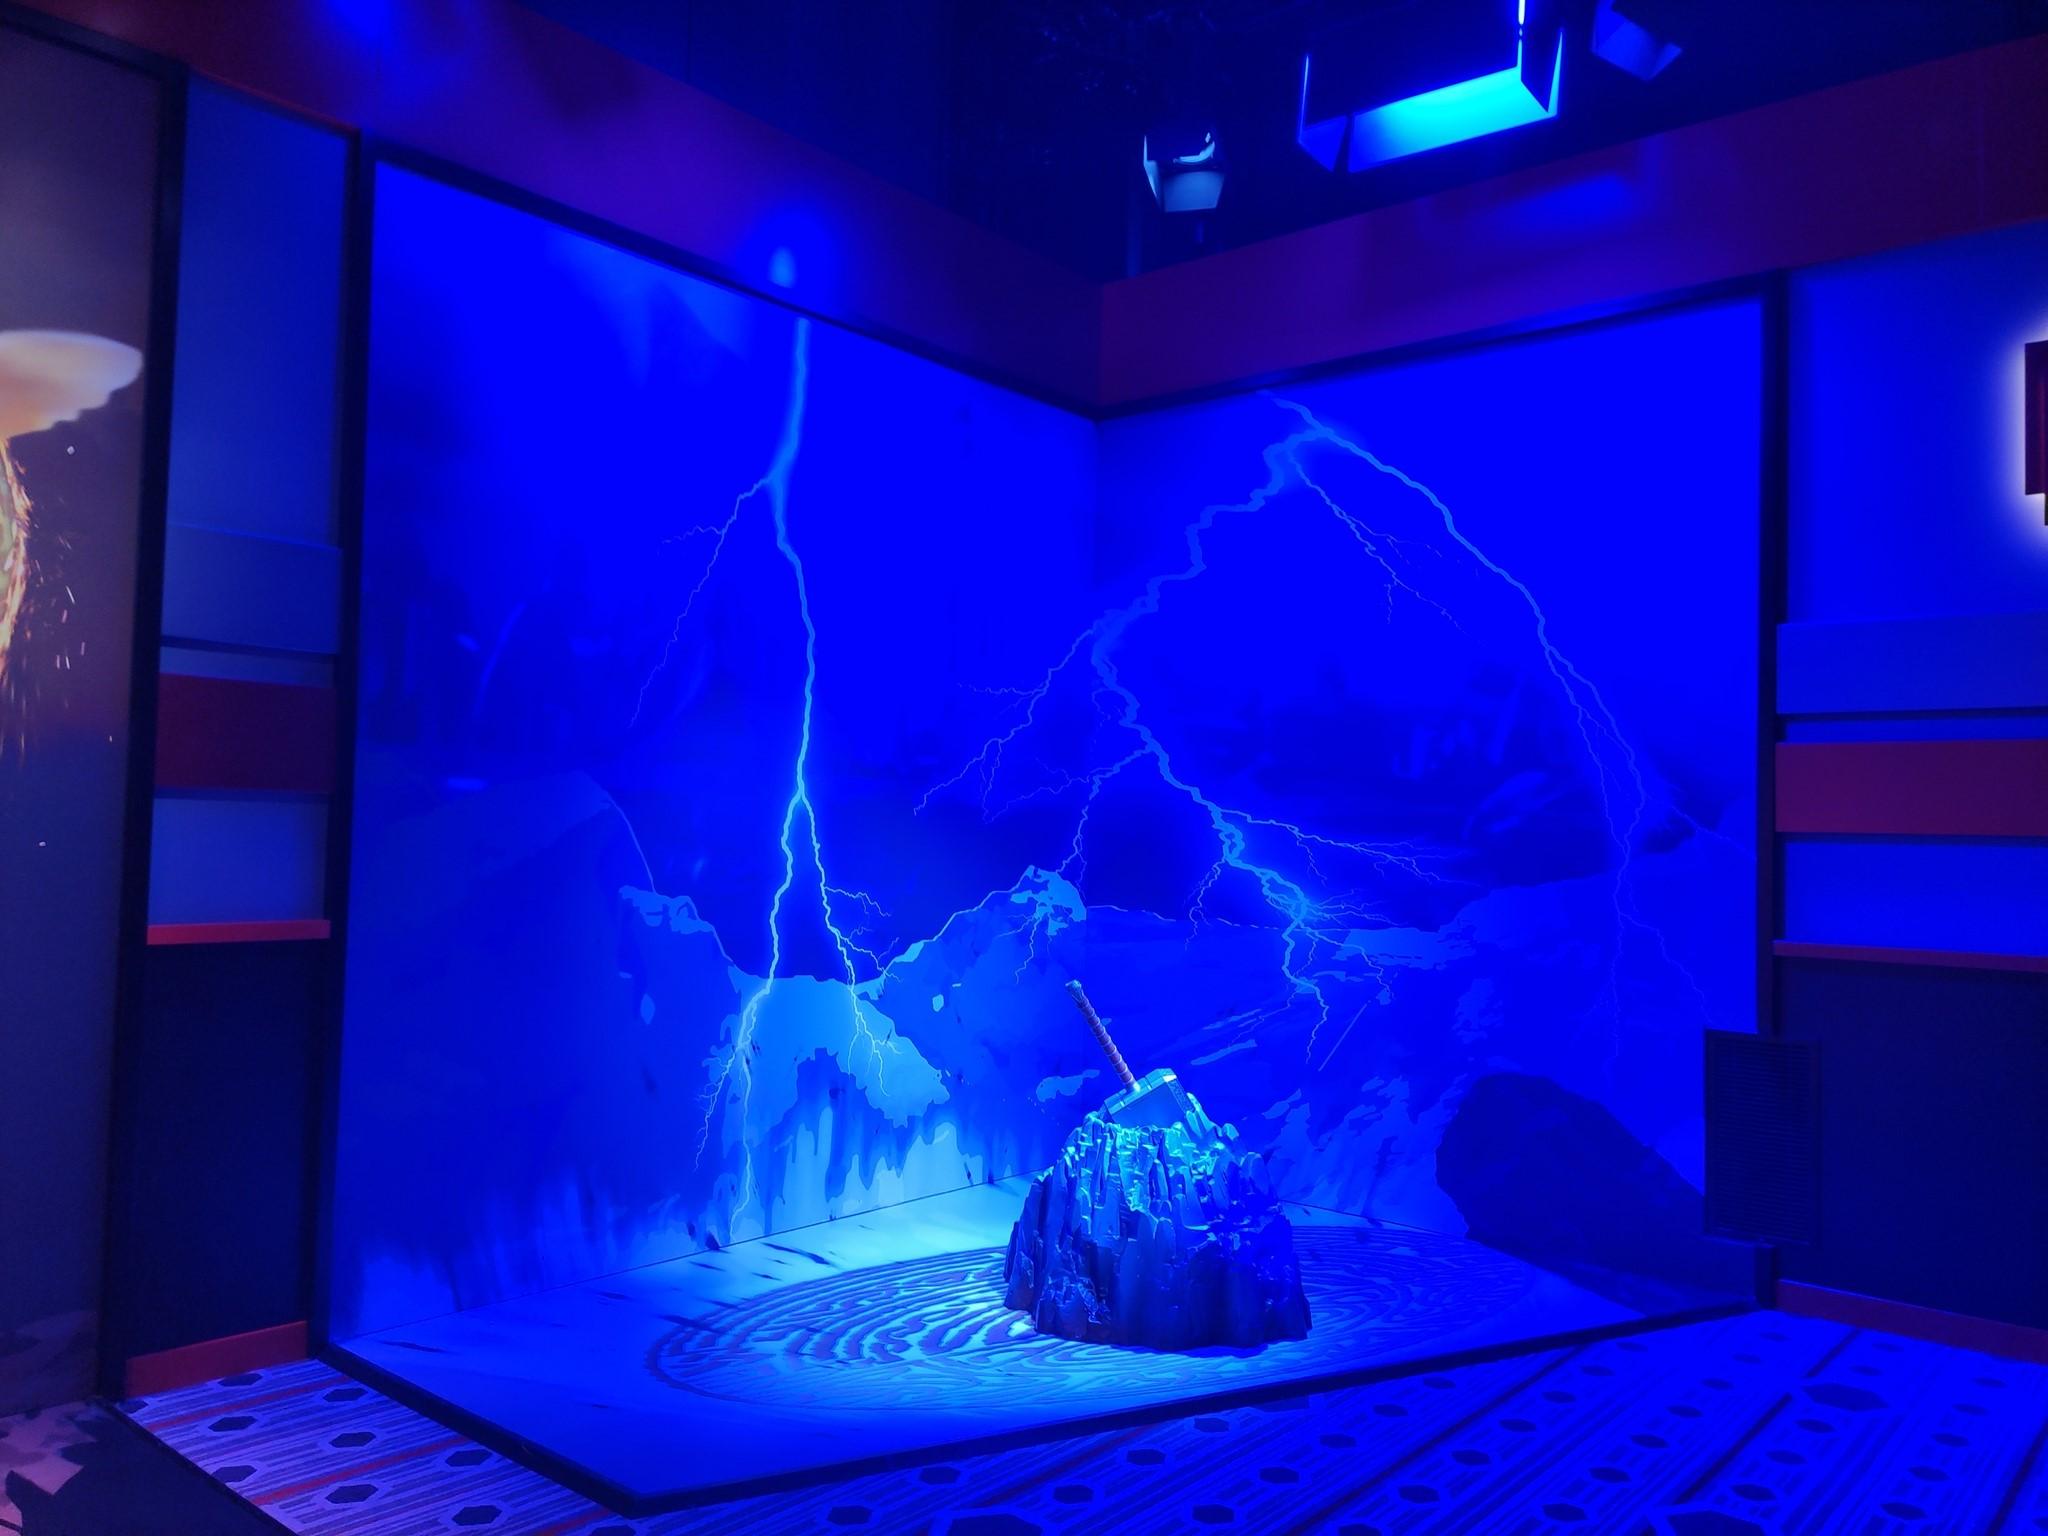 Super Hero Station - Disney's Hotel New York - The Art of Marvel